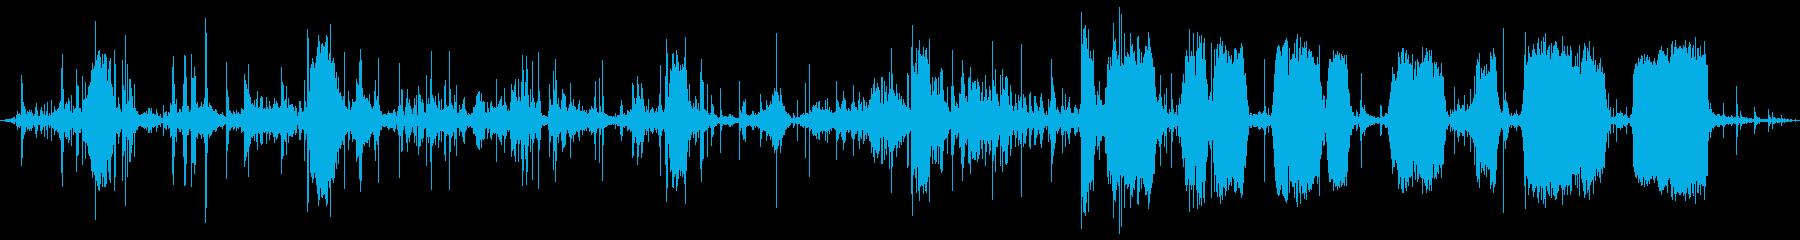 ラックトーチャー:クランキング、ボ...の再生済みの波形